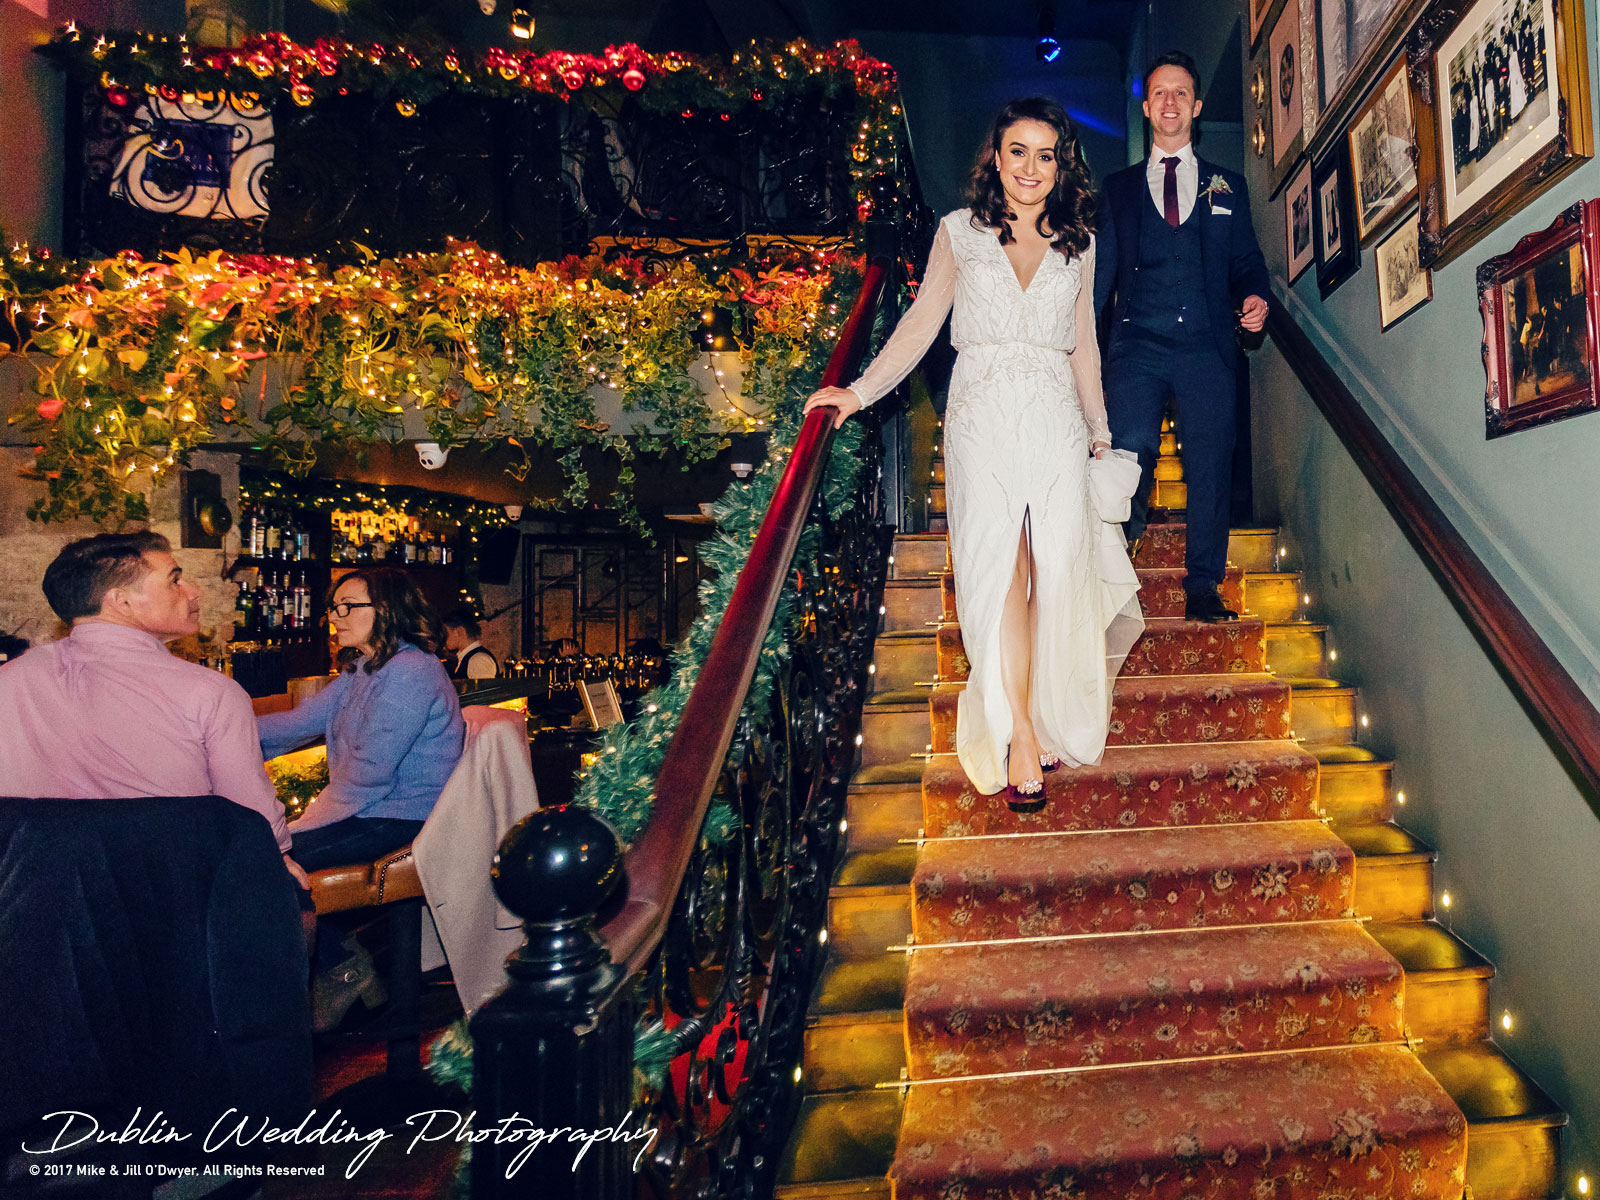 Dublin Wedding Photographer City Streets 071